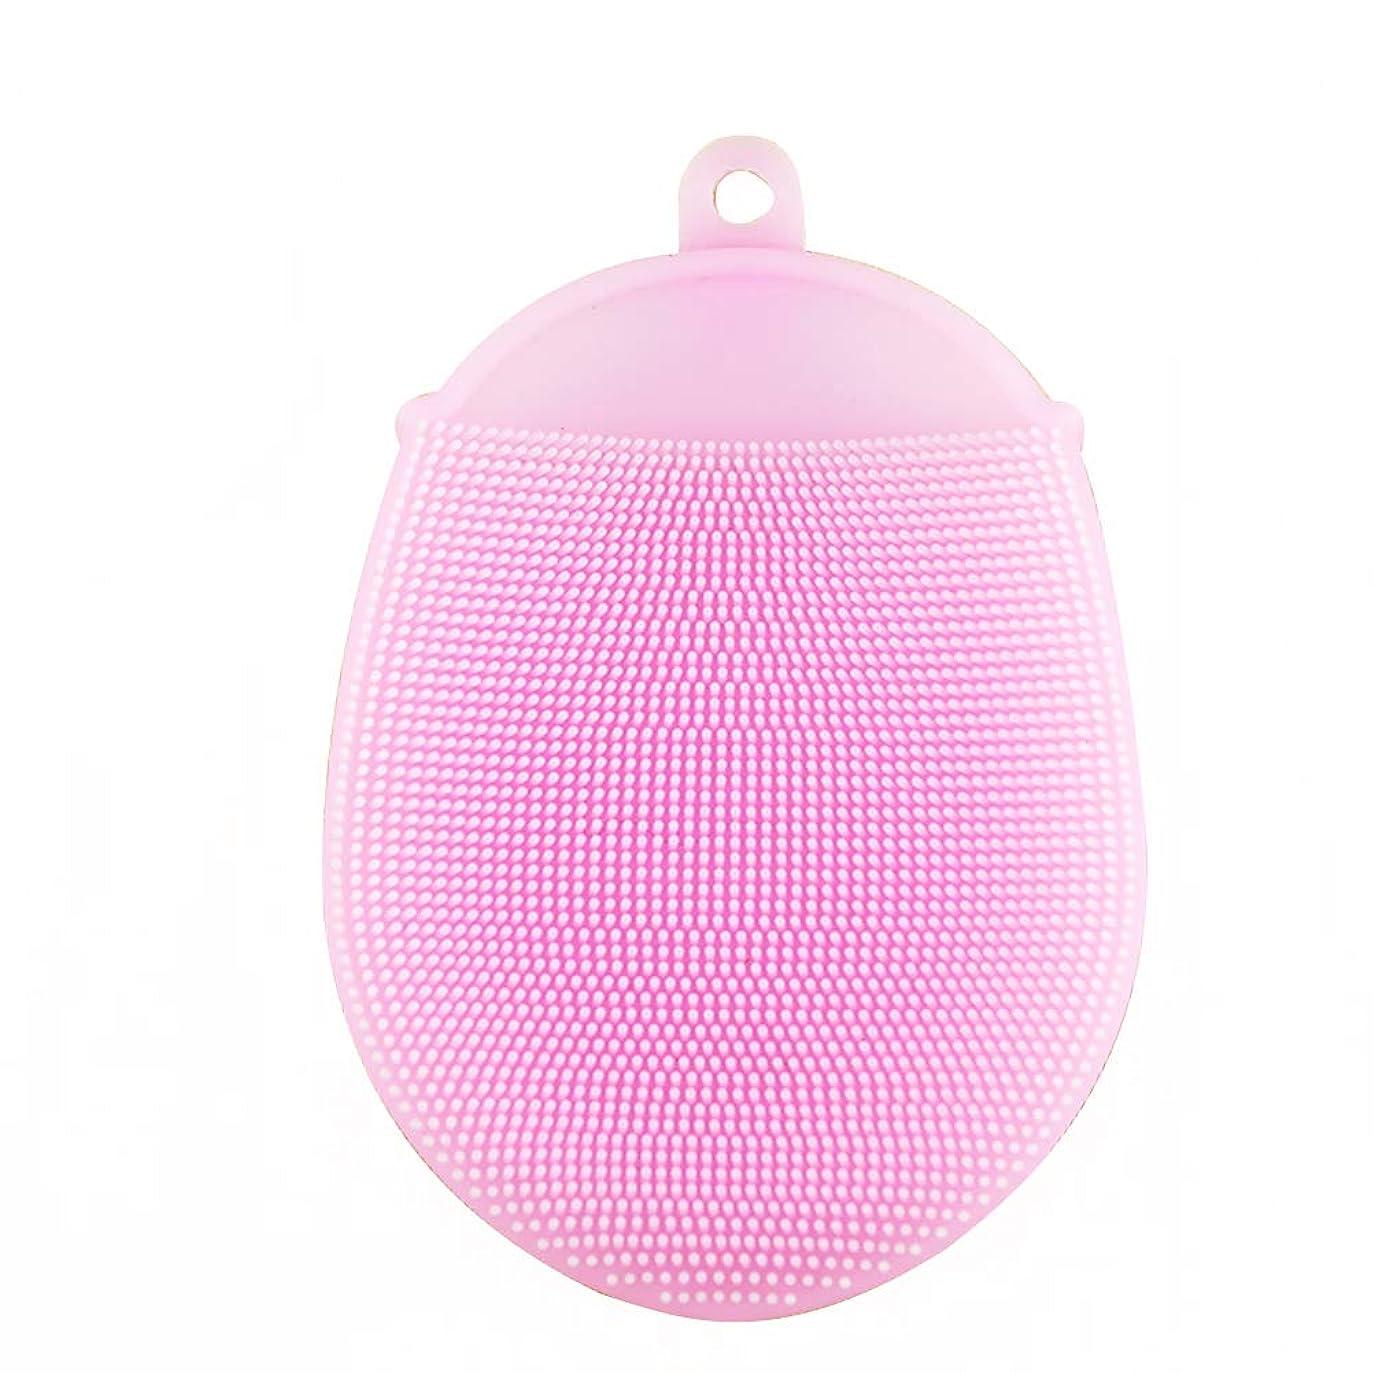 成分お父さん嵐のHealifty シリコン 入浴ブラシ 抗菌 シャワースクラバー 洗顔パッド 2本入 (ピンク)